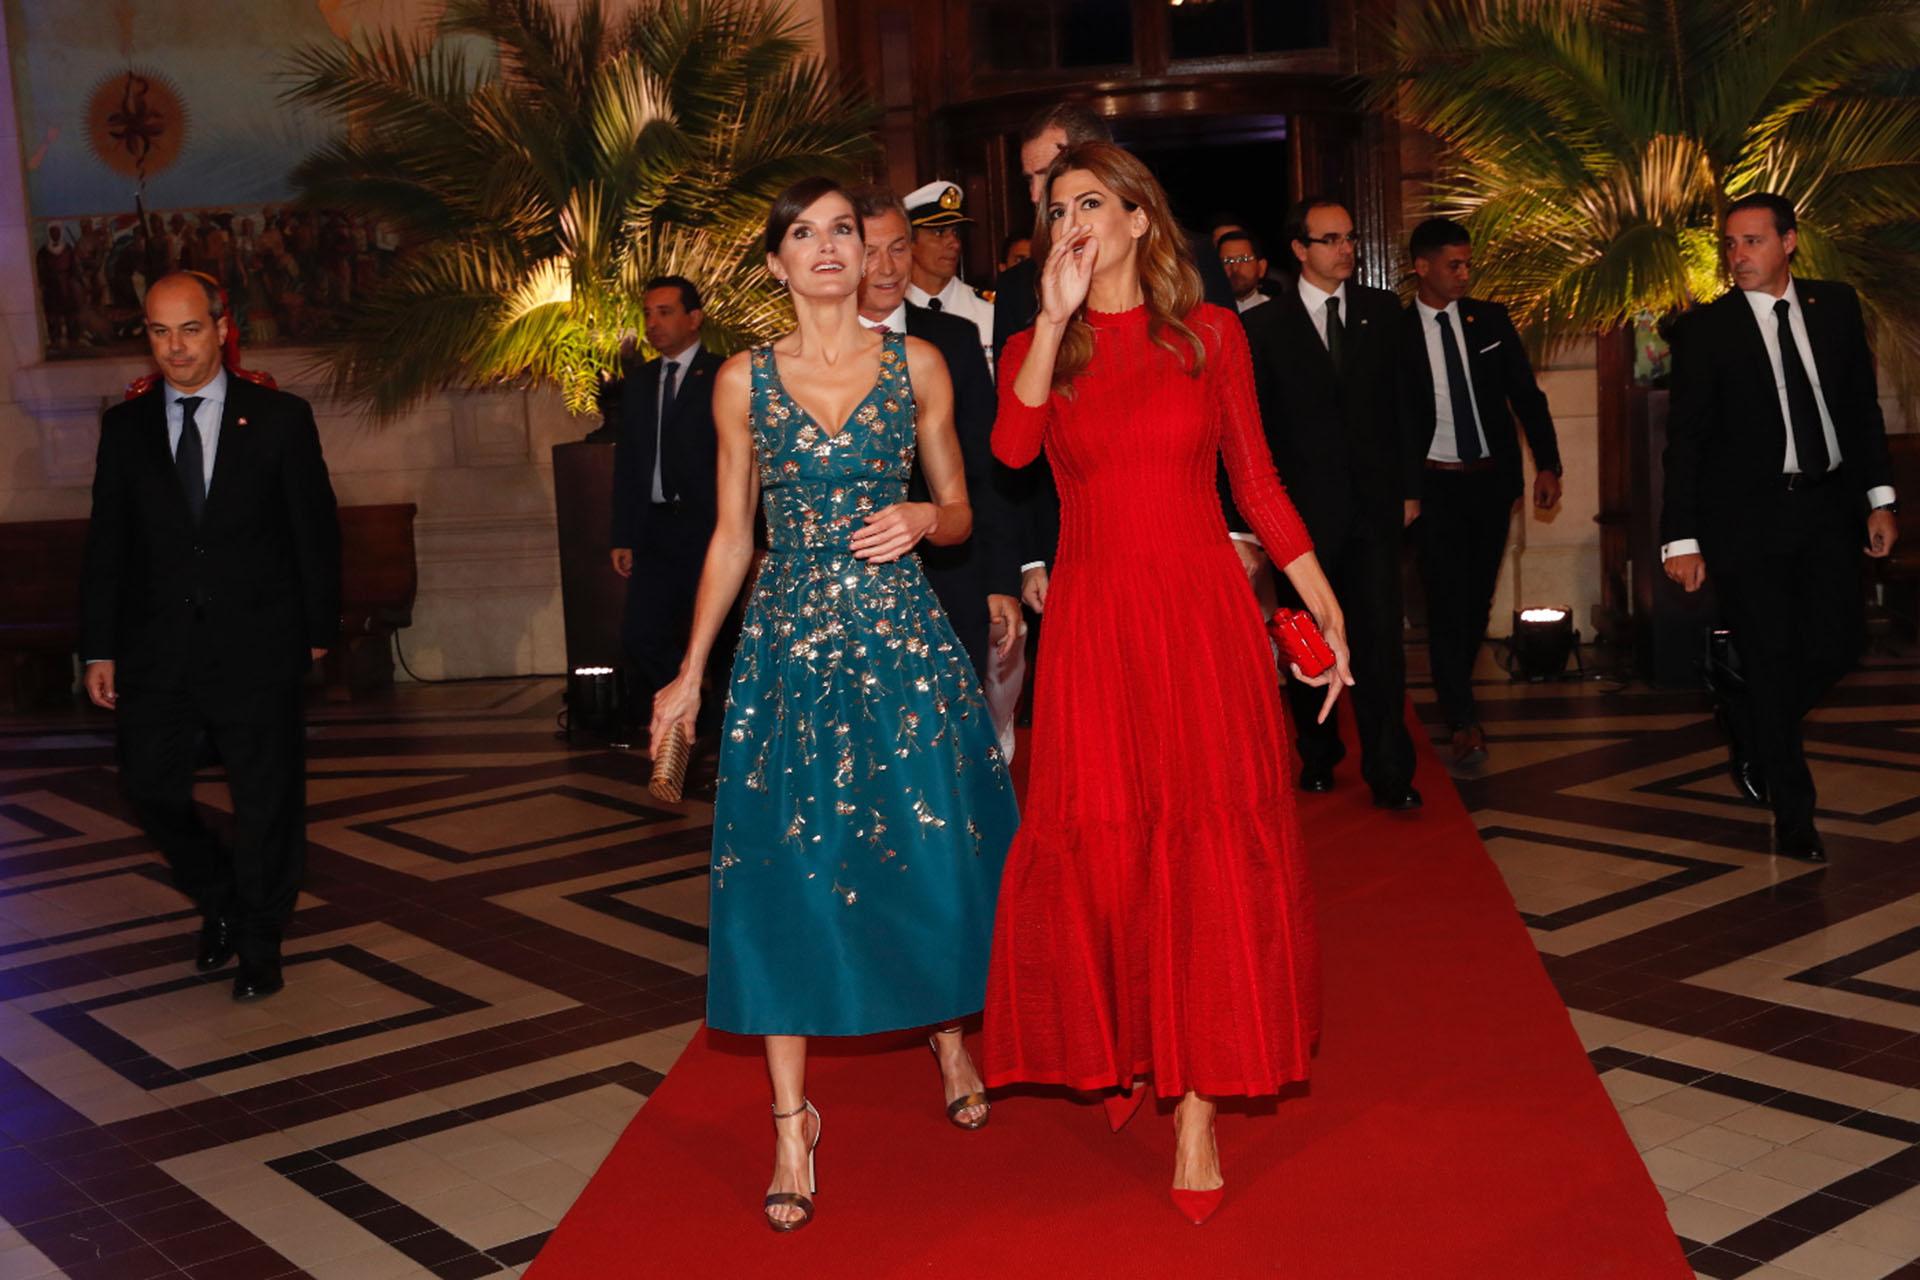 Tanto Letizia como Juliana Awada deslumbraron por su elección de estilo. La reina prefirió un vestido bordado en tono agua y la primera dama argentina una pieza vibrante en tono rojo.